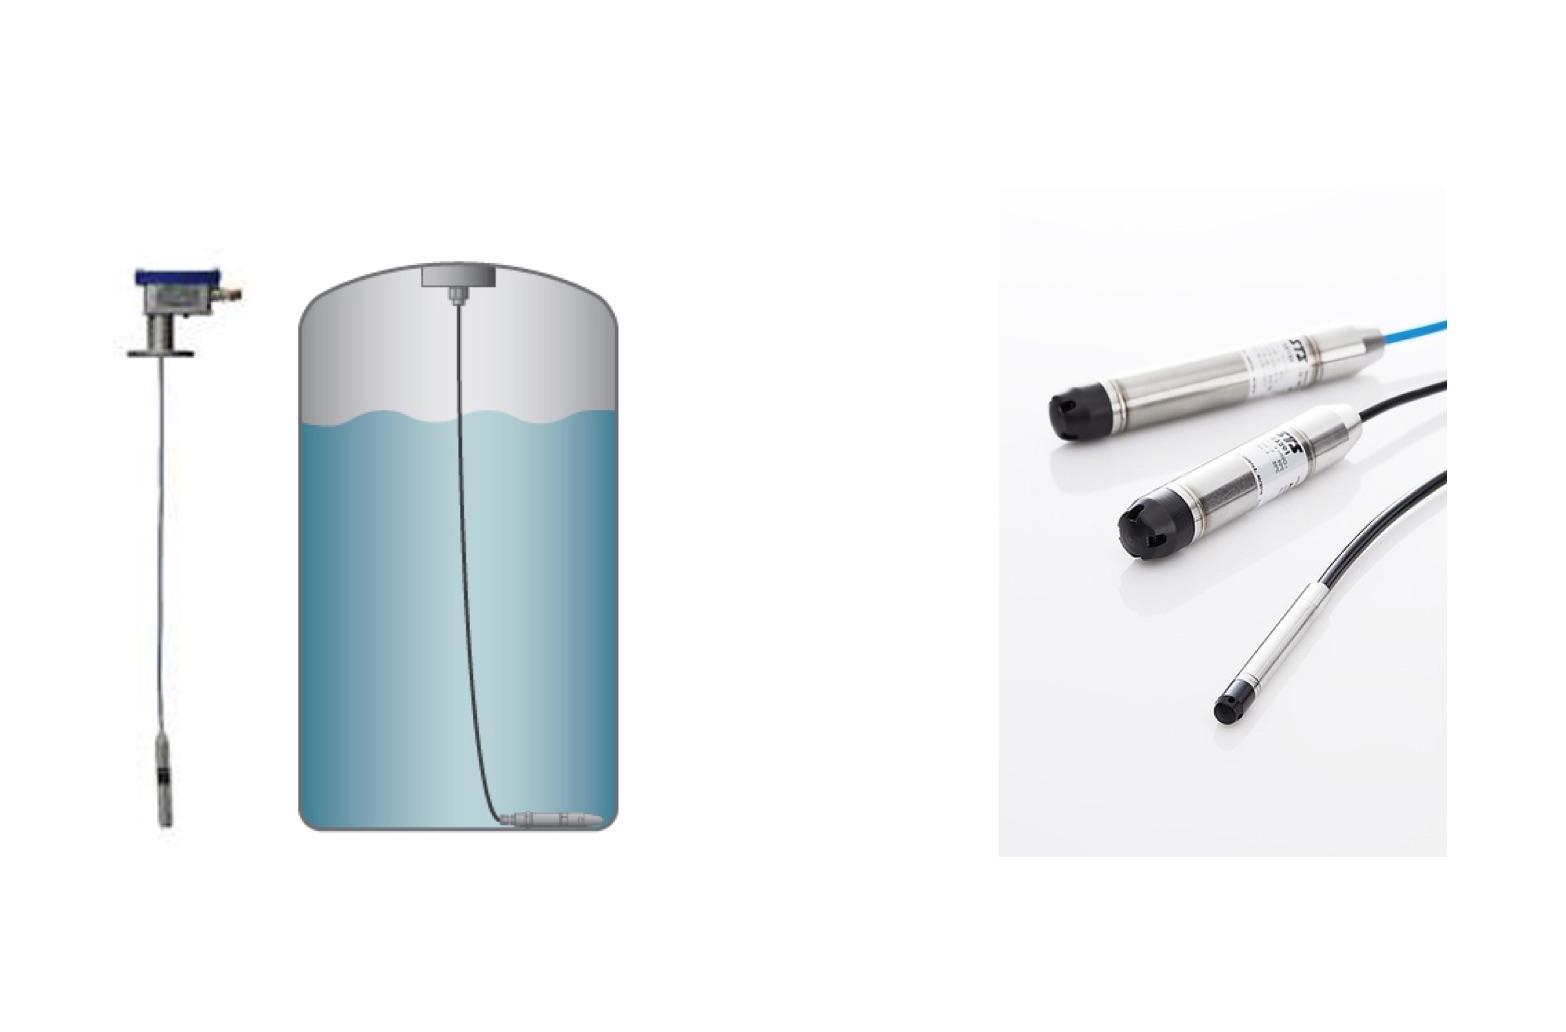 Cách lắp cảm biến đo mức nước thuỷ tĩnh